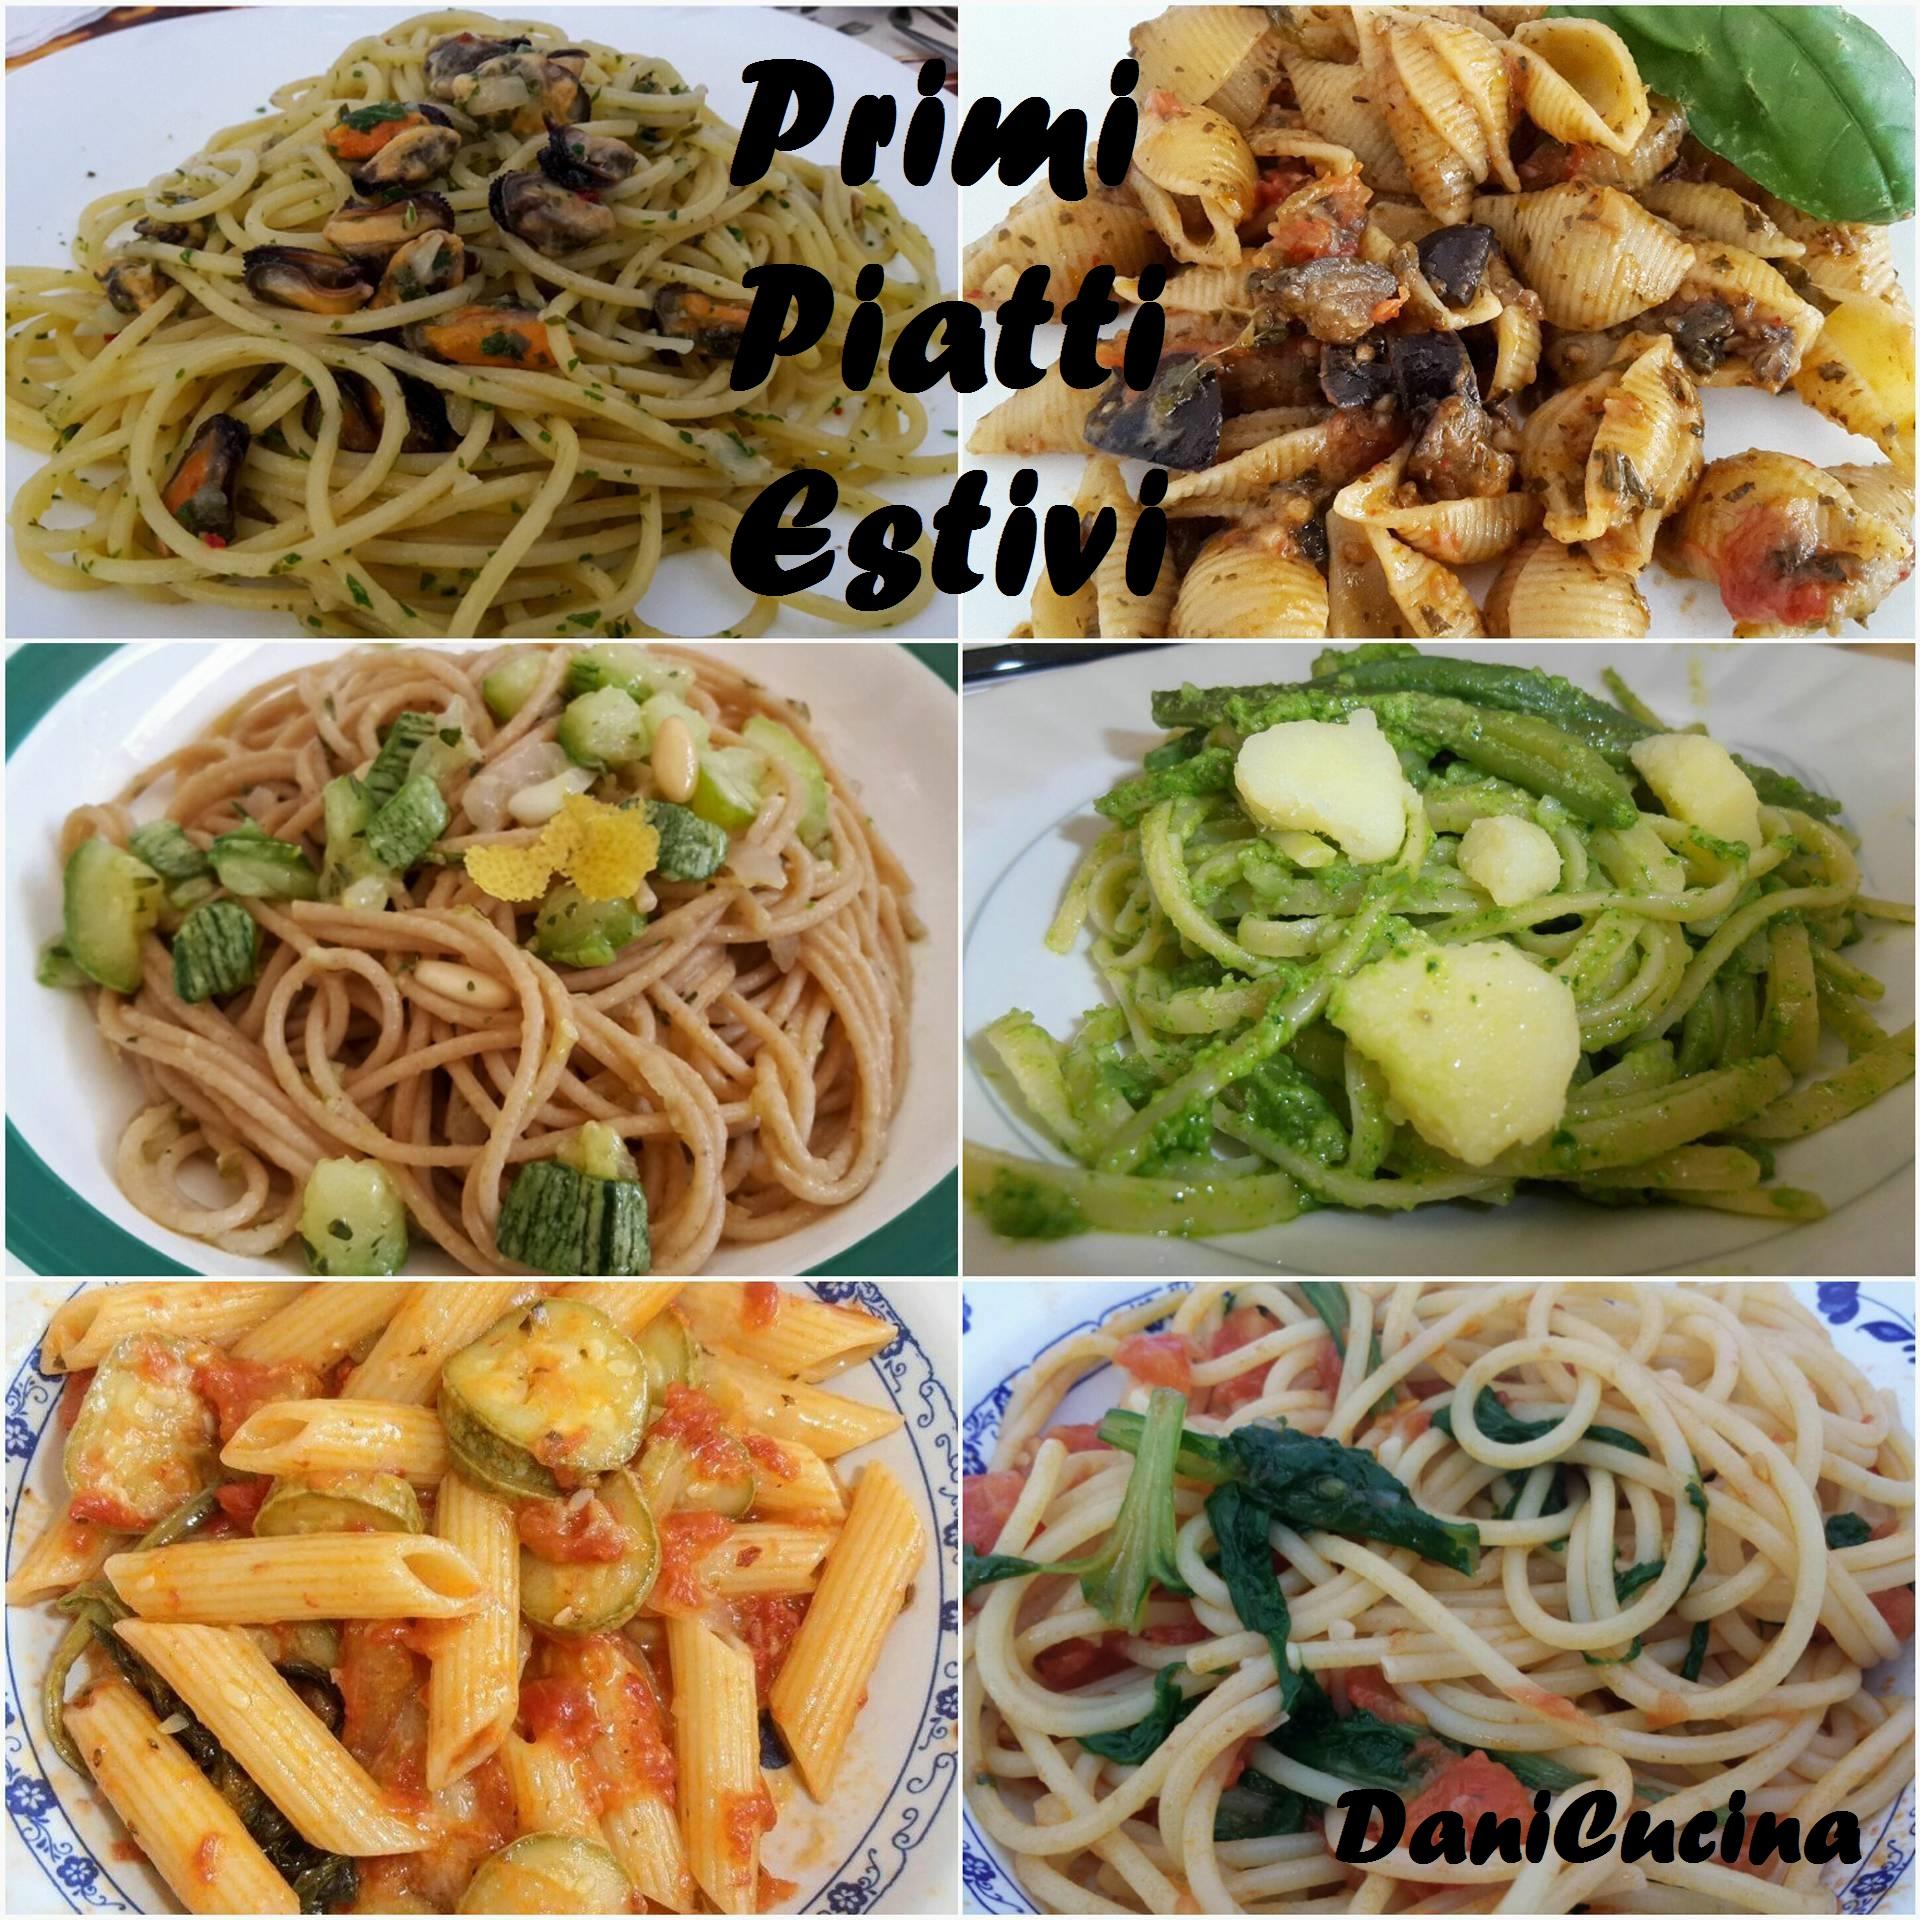 Primi piatti estivi: raccolta ricette 2016